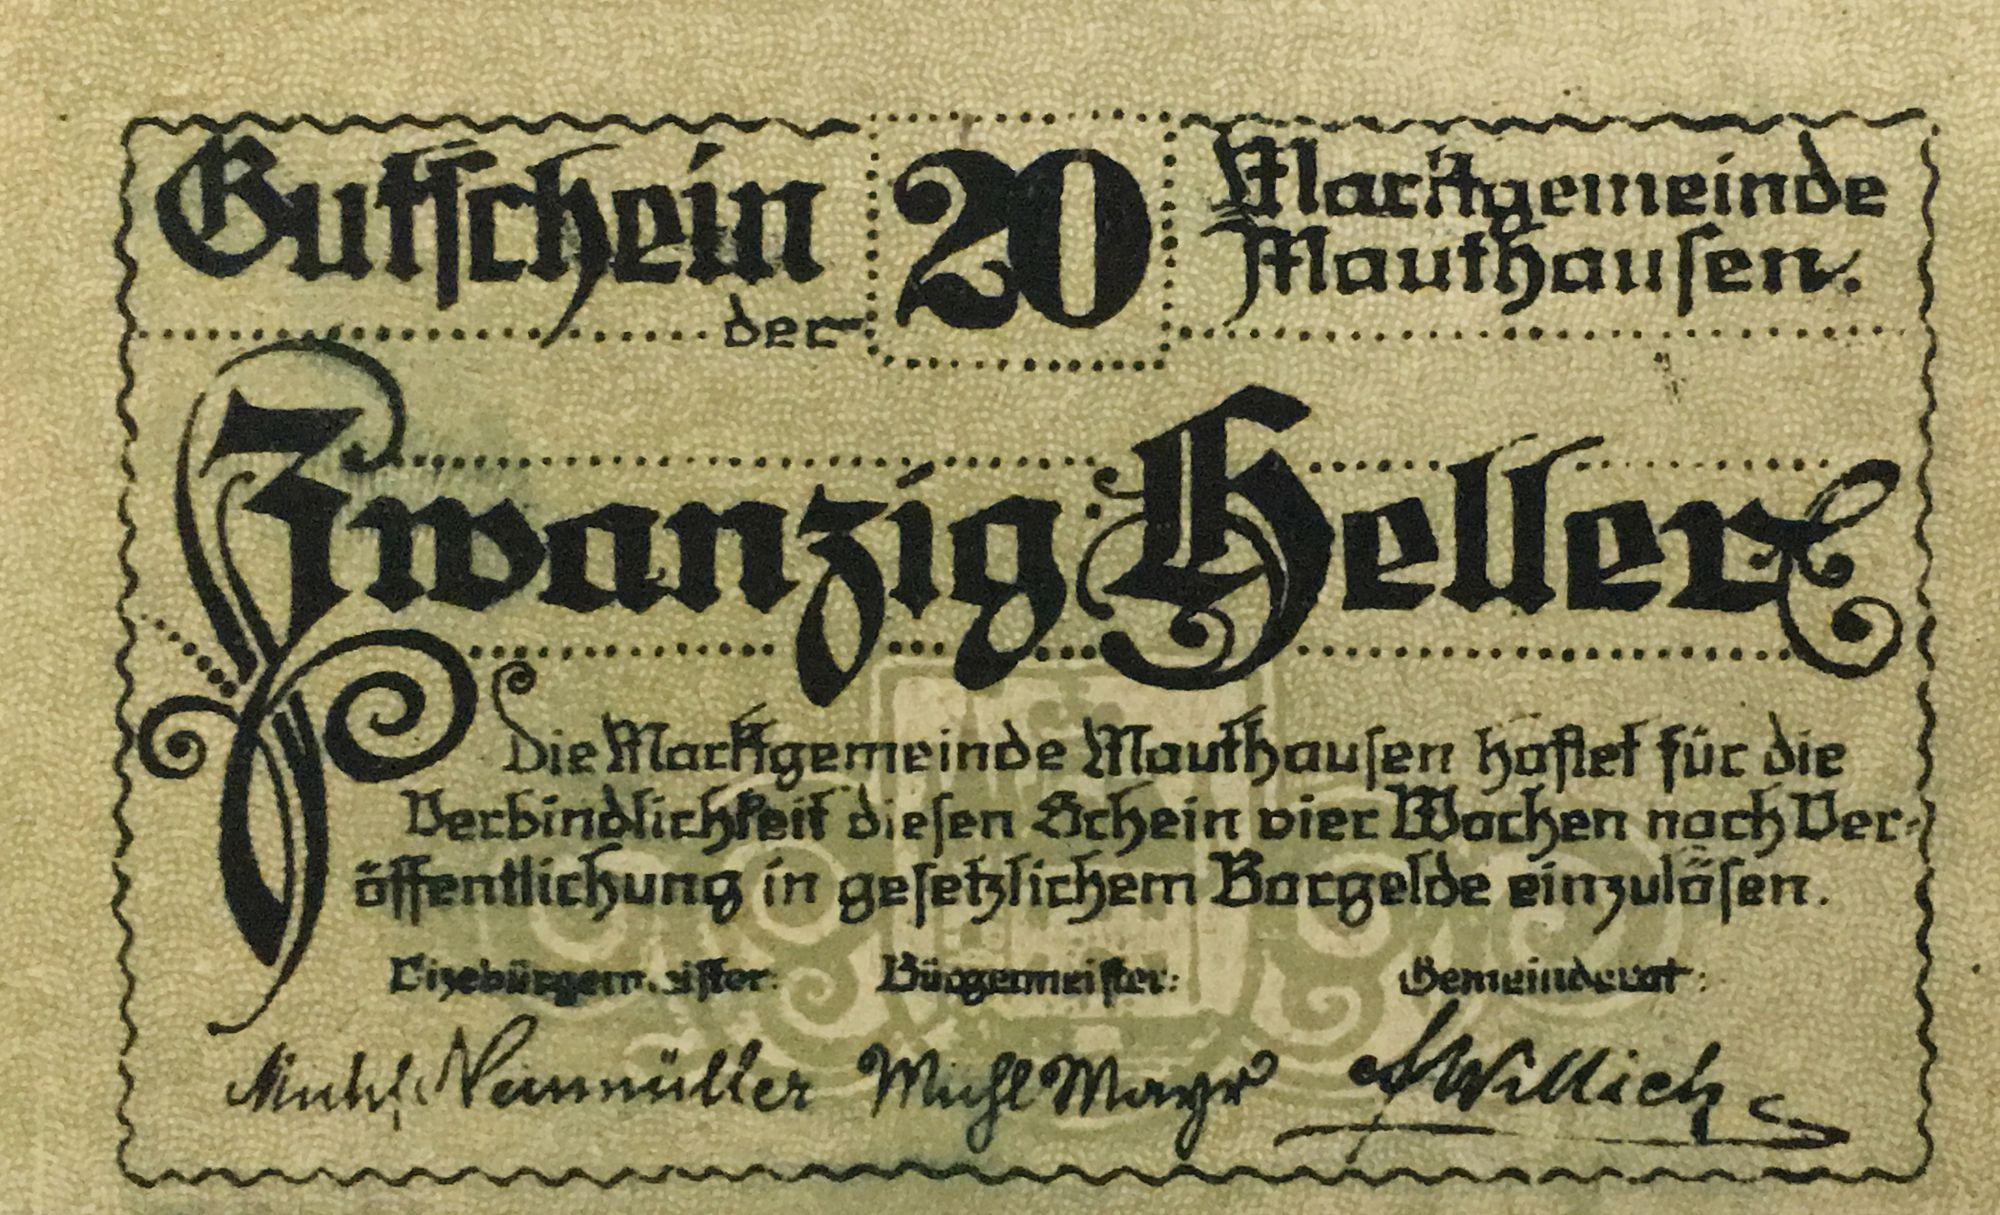 Autriche 20 Heller, Mauthausen - notgeld - NEUF